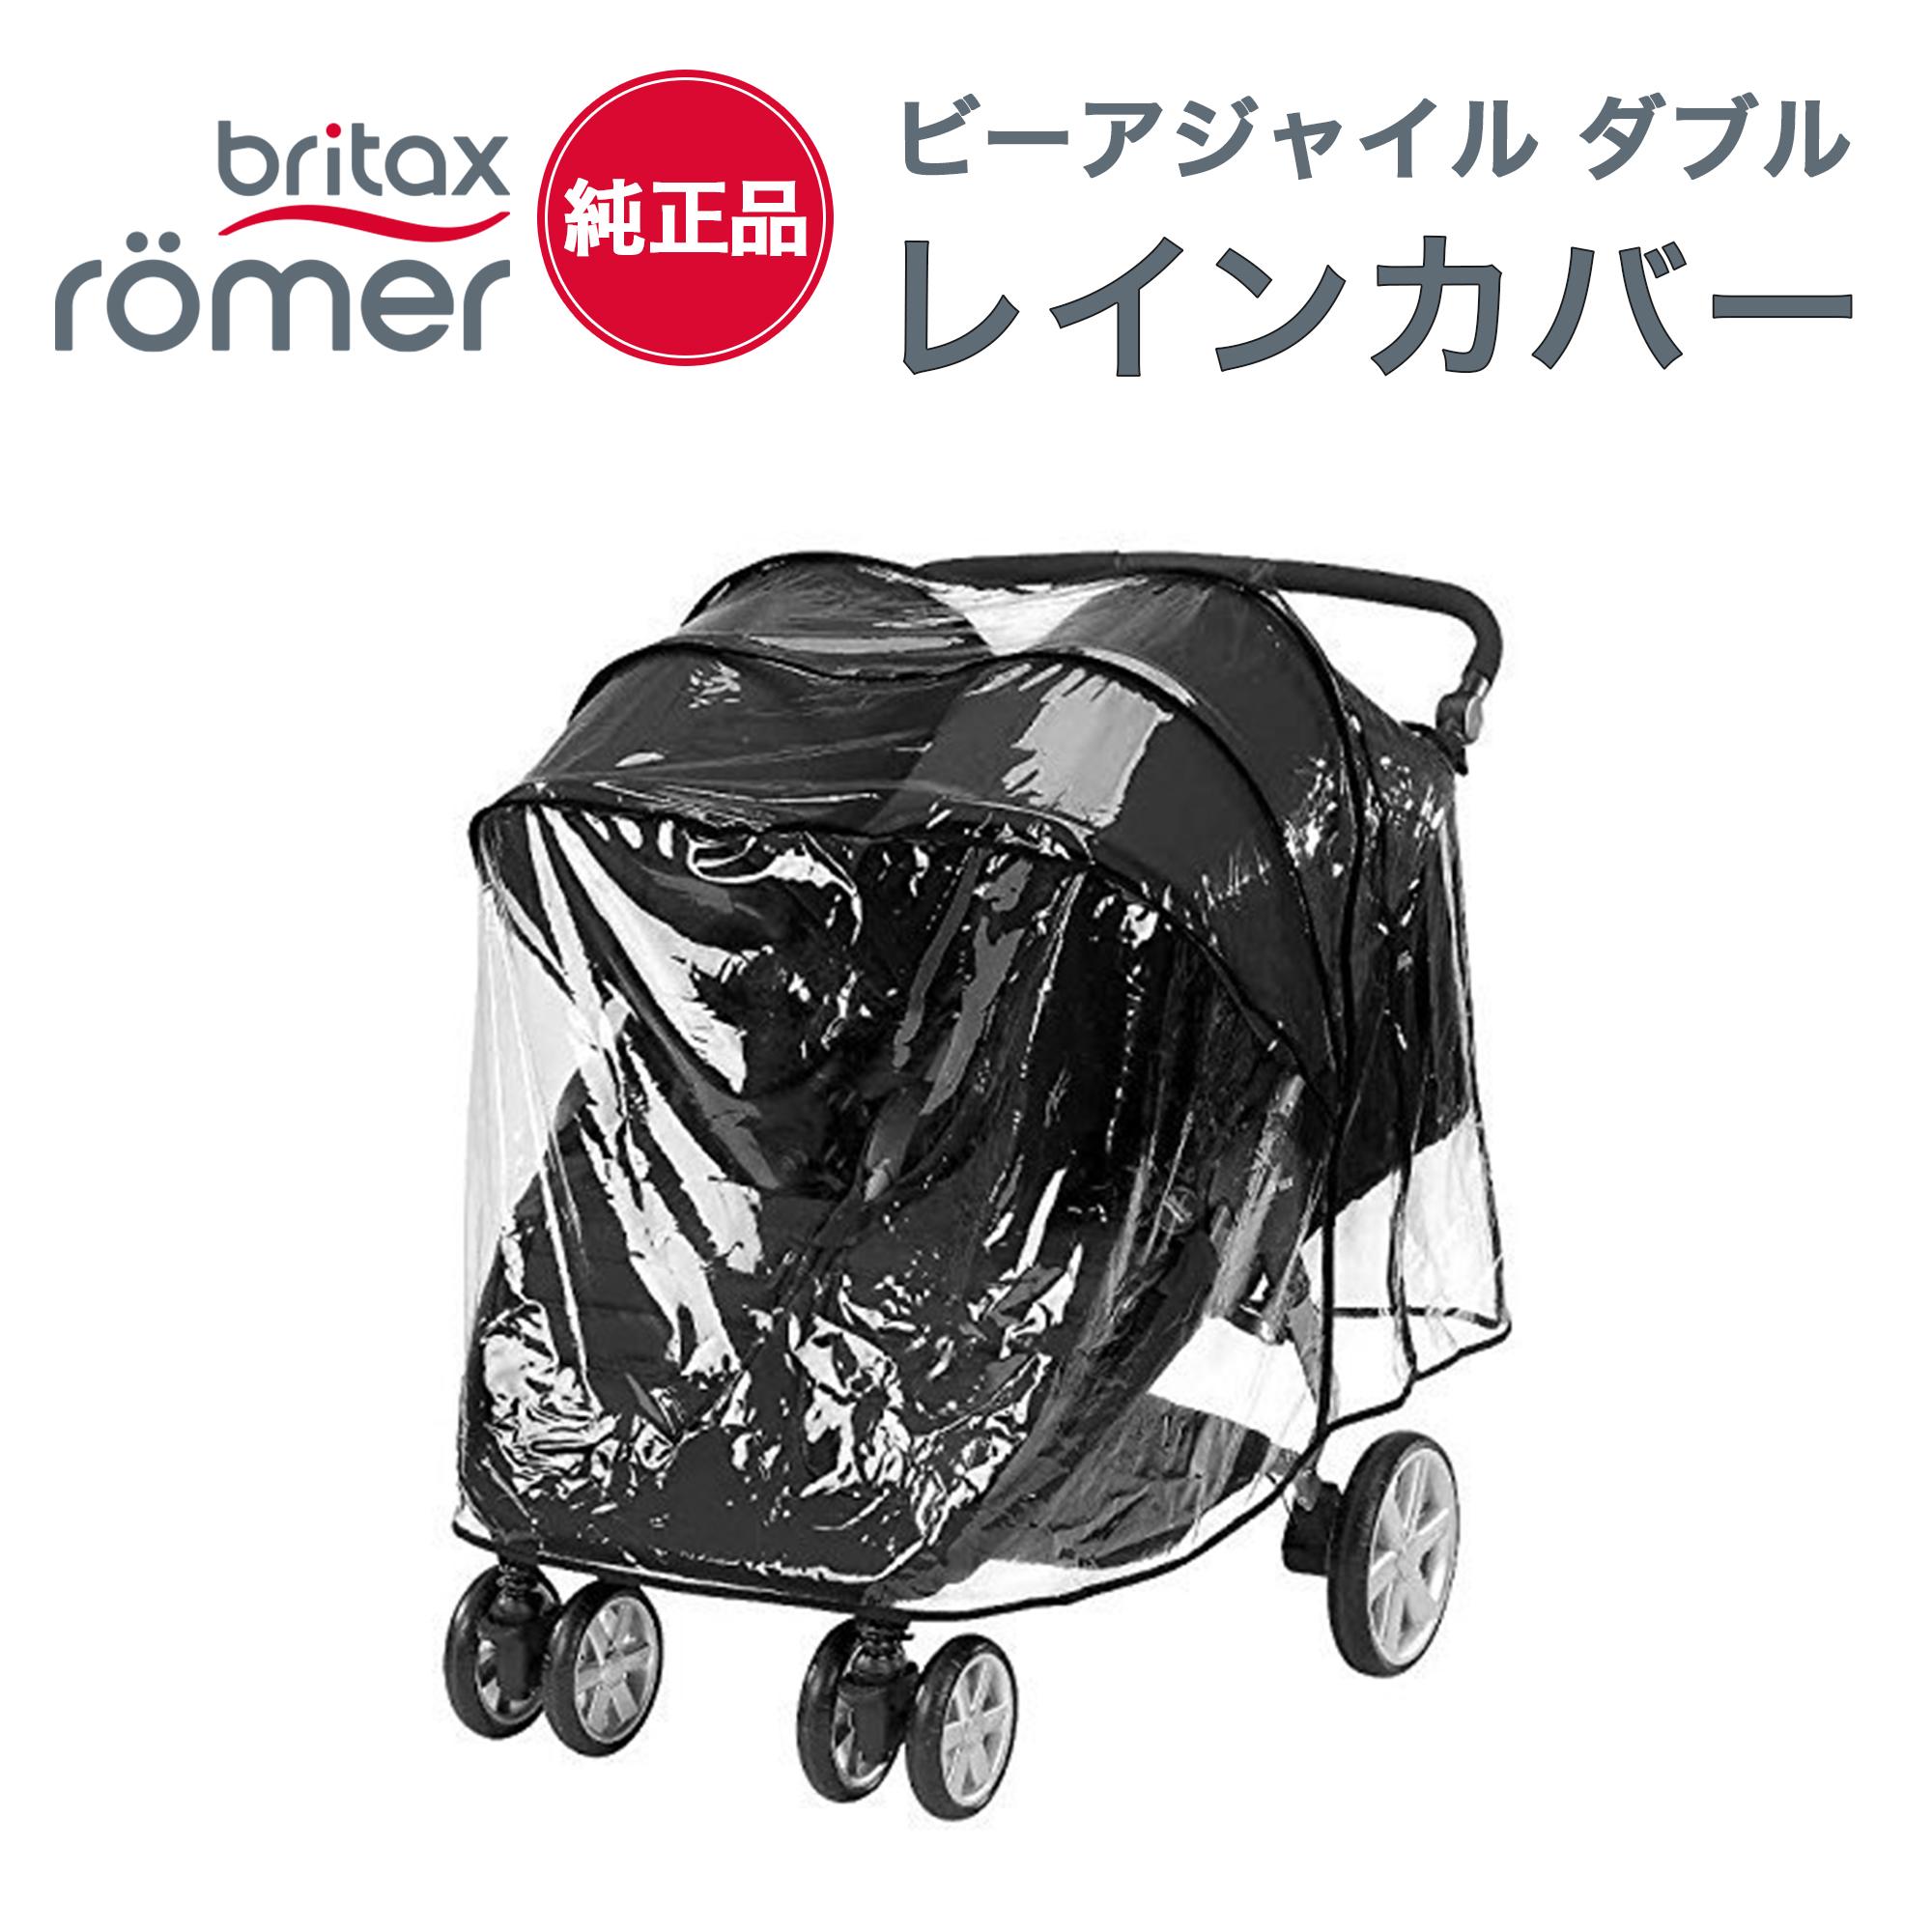 Britax B-AGILE 公式サイト ダブル専用 BRITAX 商舗 純正レインカバー 雨除け オプション ベビーカー